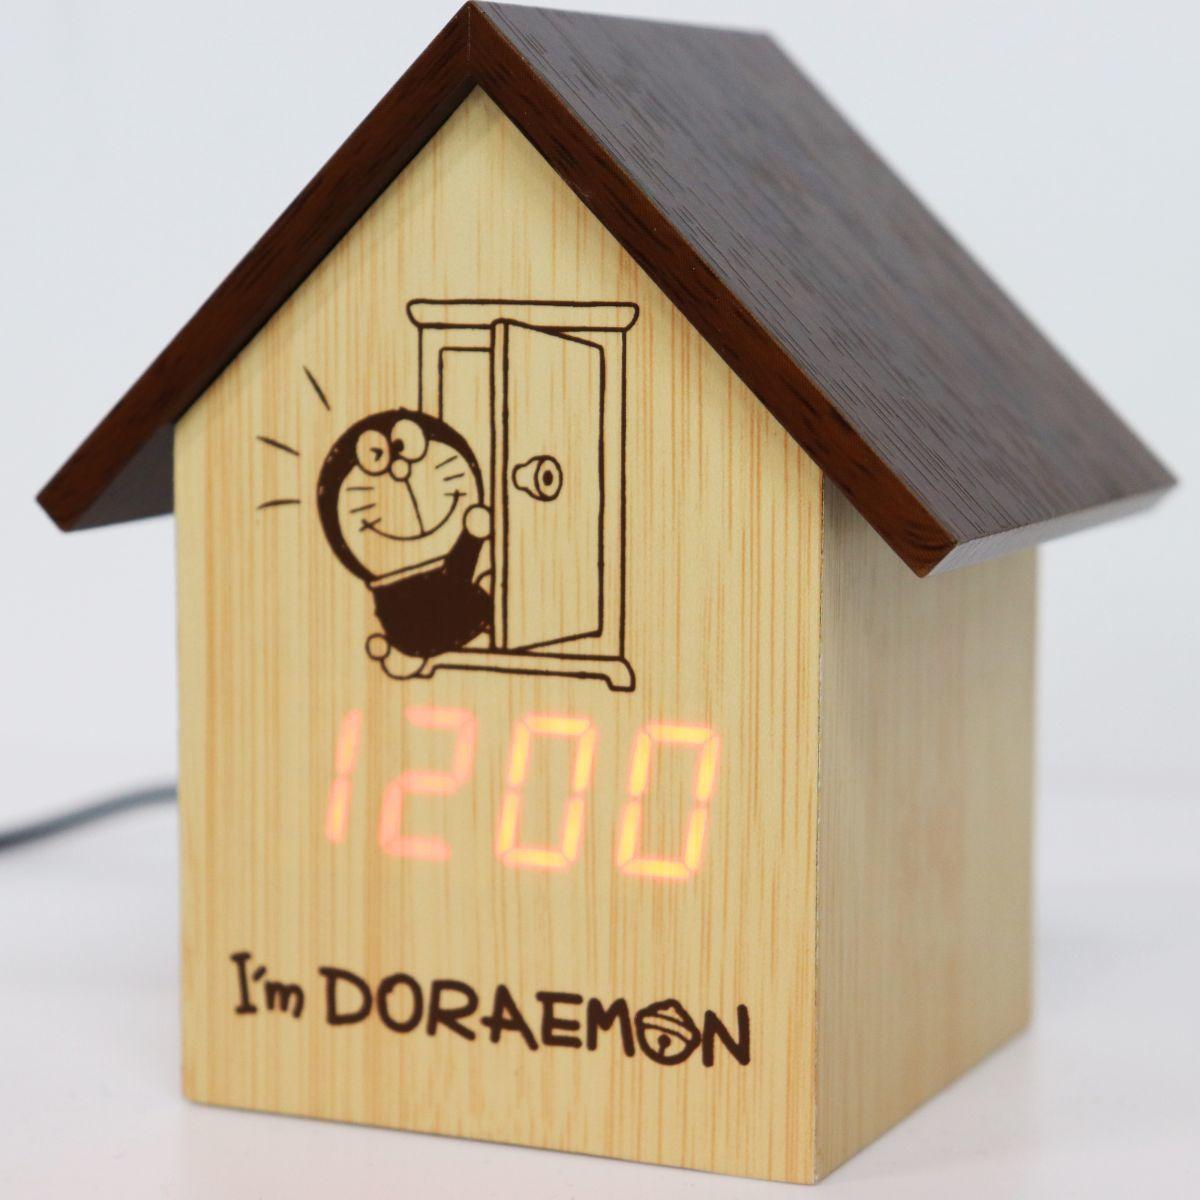 ★ドラえもん DORAEMON 2WAY電源 USB 電池 アラーム 温度表示 省エネ LED ハウス型 木目調 置時計 クロック [D2686-A]一 ACC★QWER★